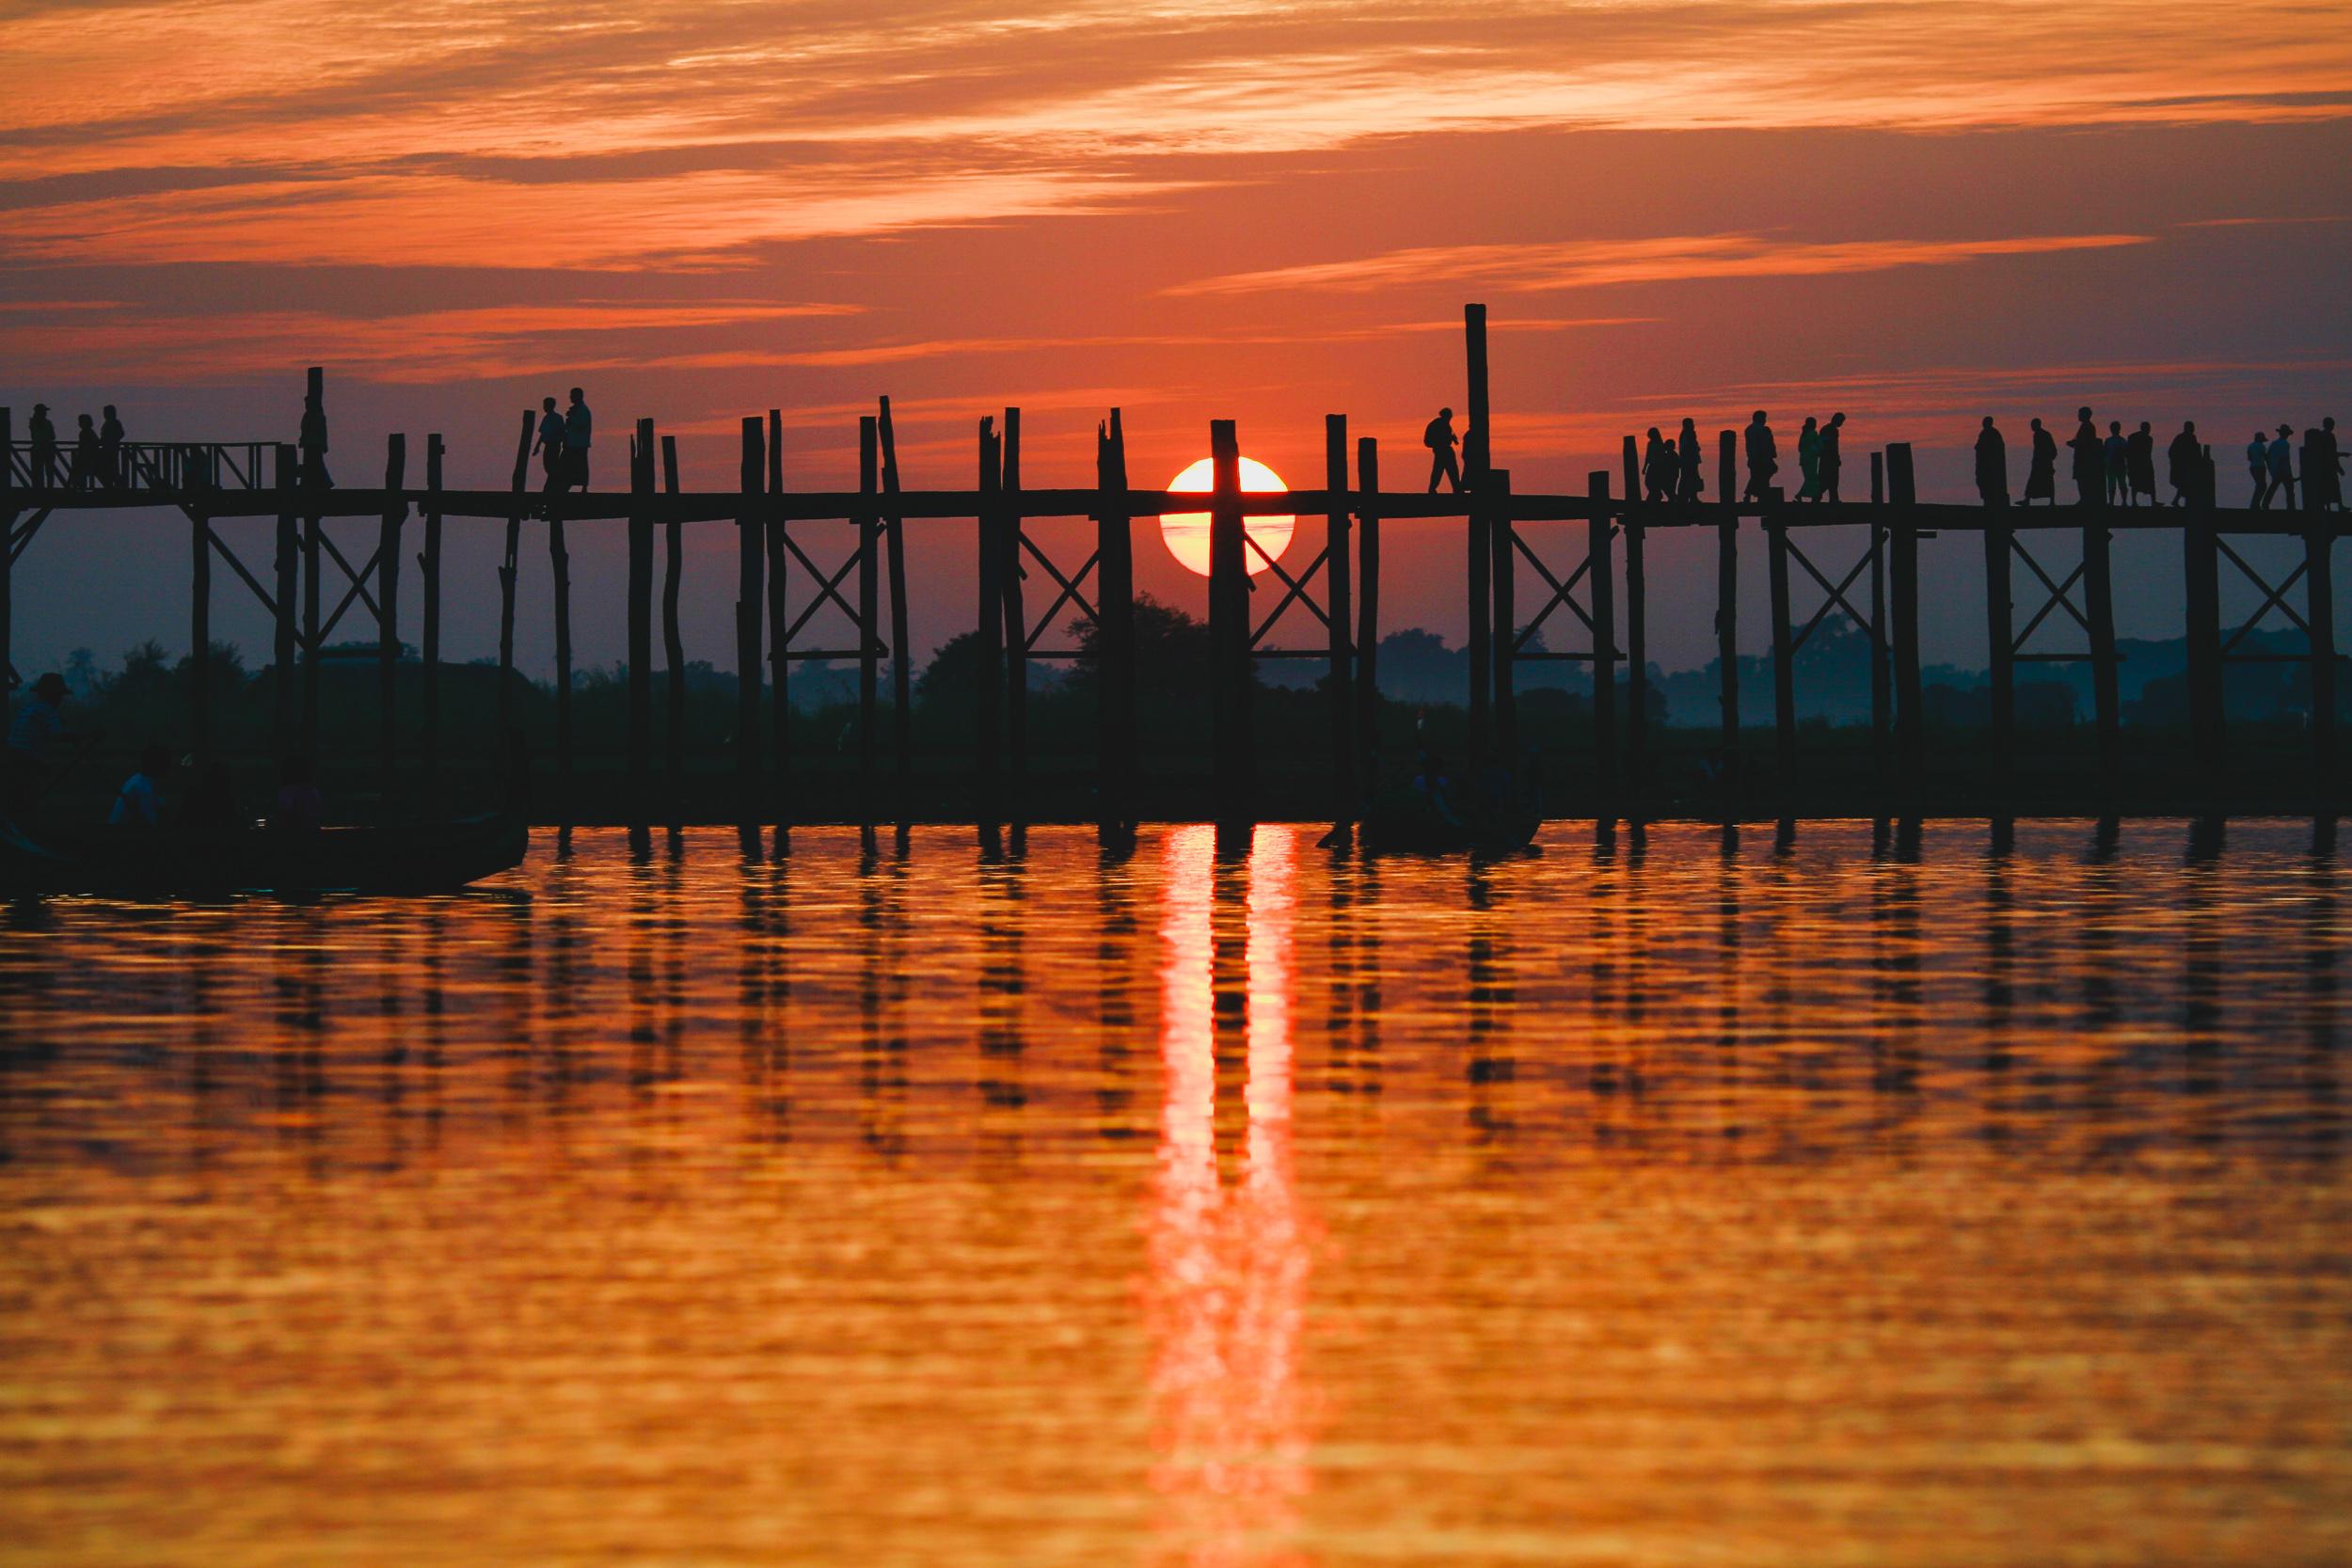 Sunset at U Bein Bridge, Amarapura, Myanmar